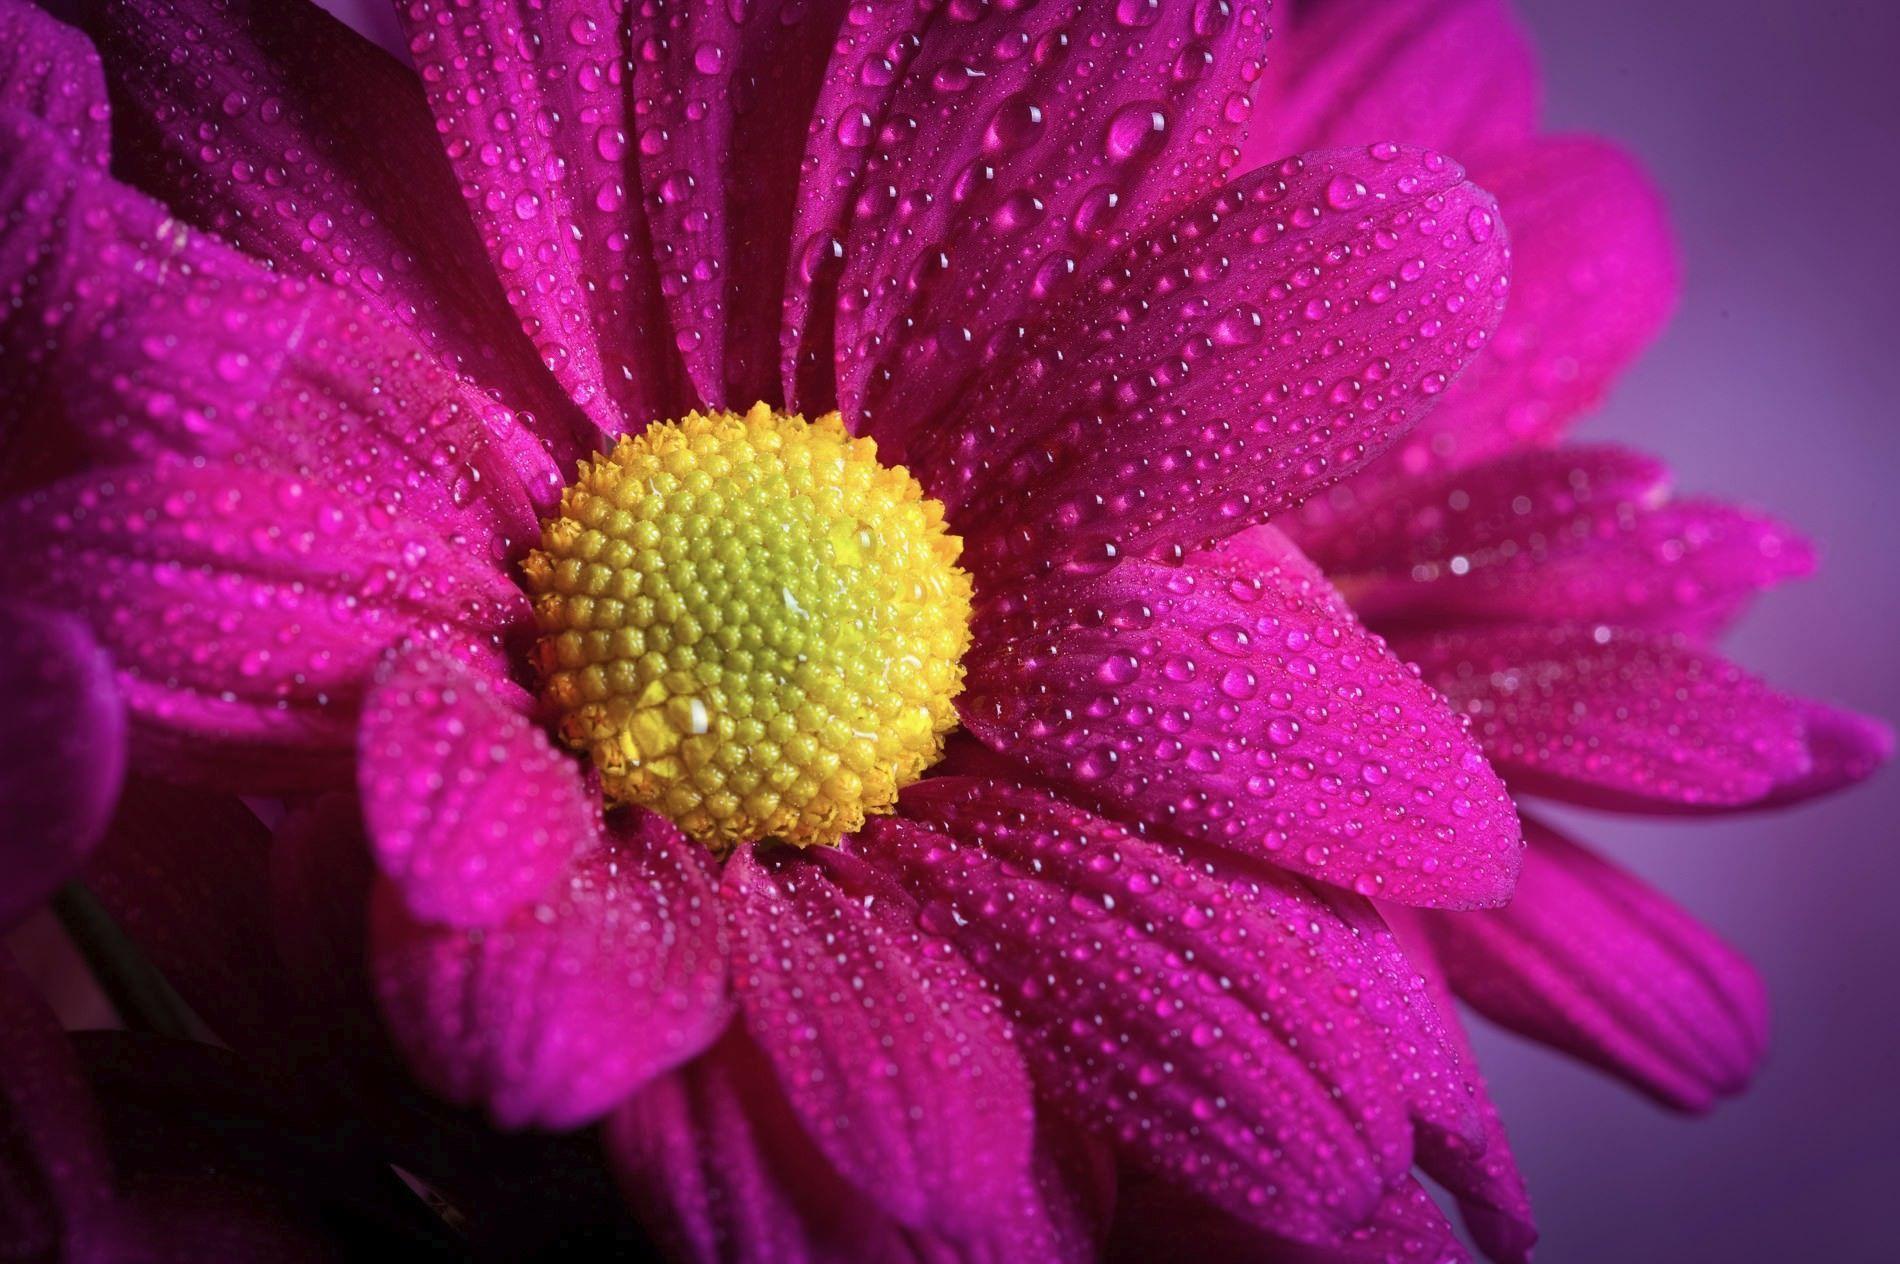 fotografía floral tomada en el curso de fotografía avanzado de fin de semana